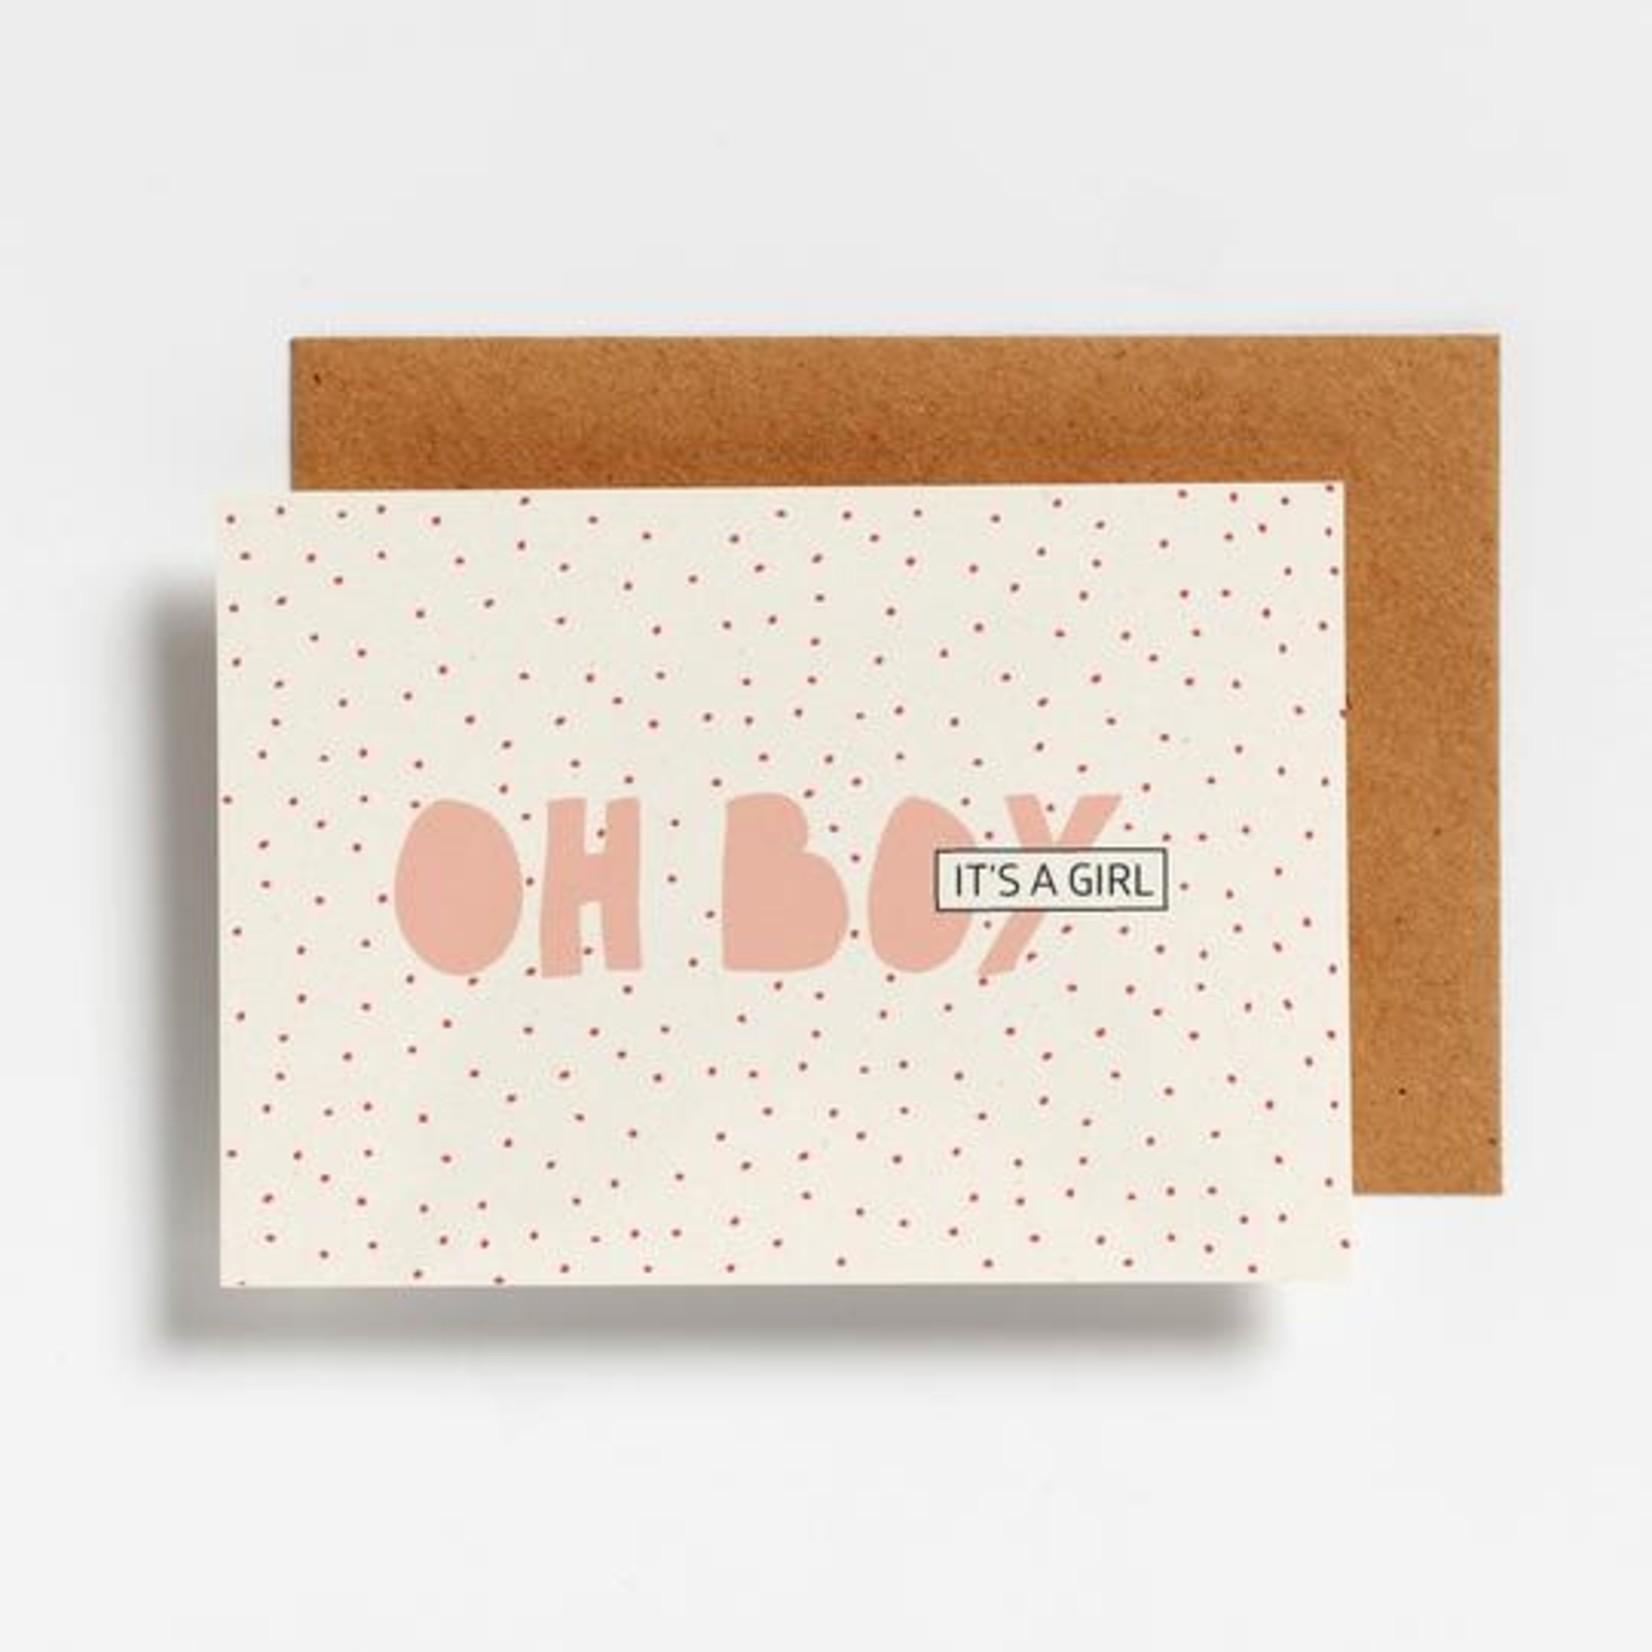 Postkaart - Oh boy it's a girl